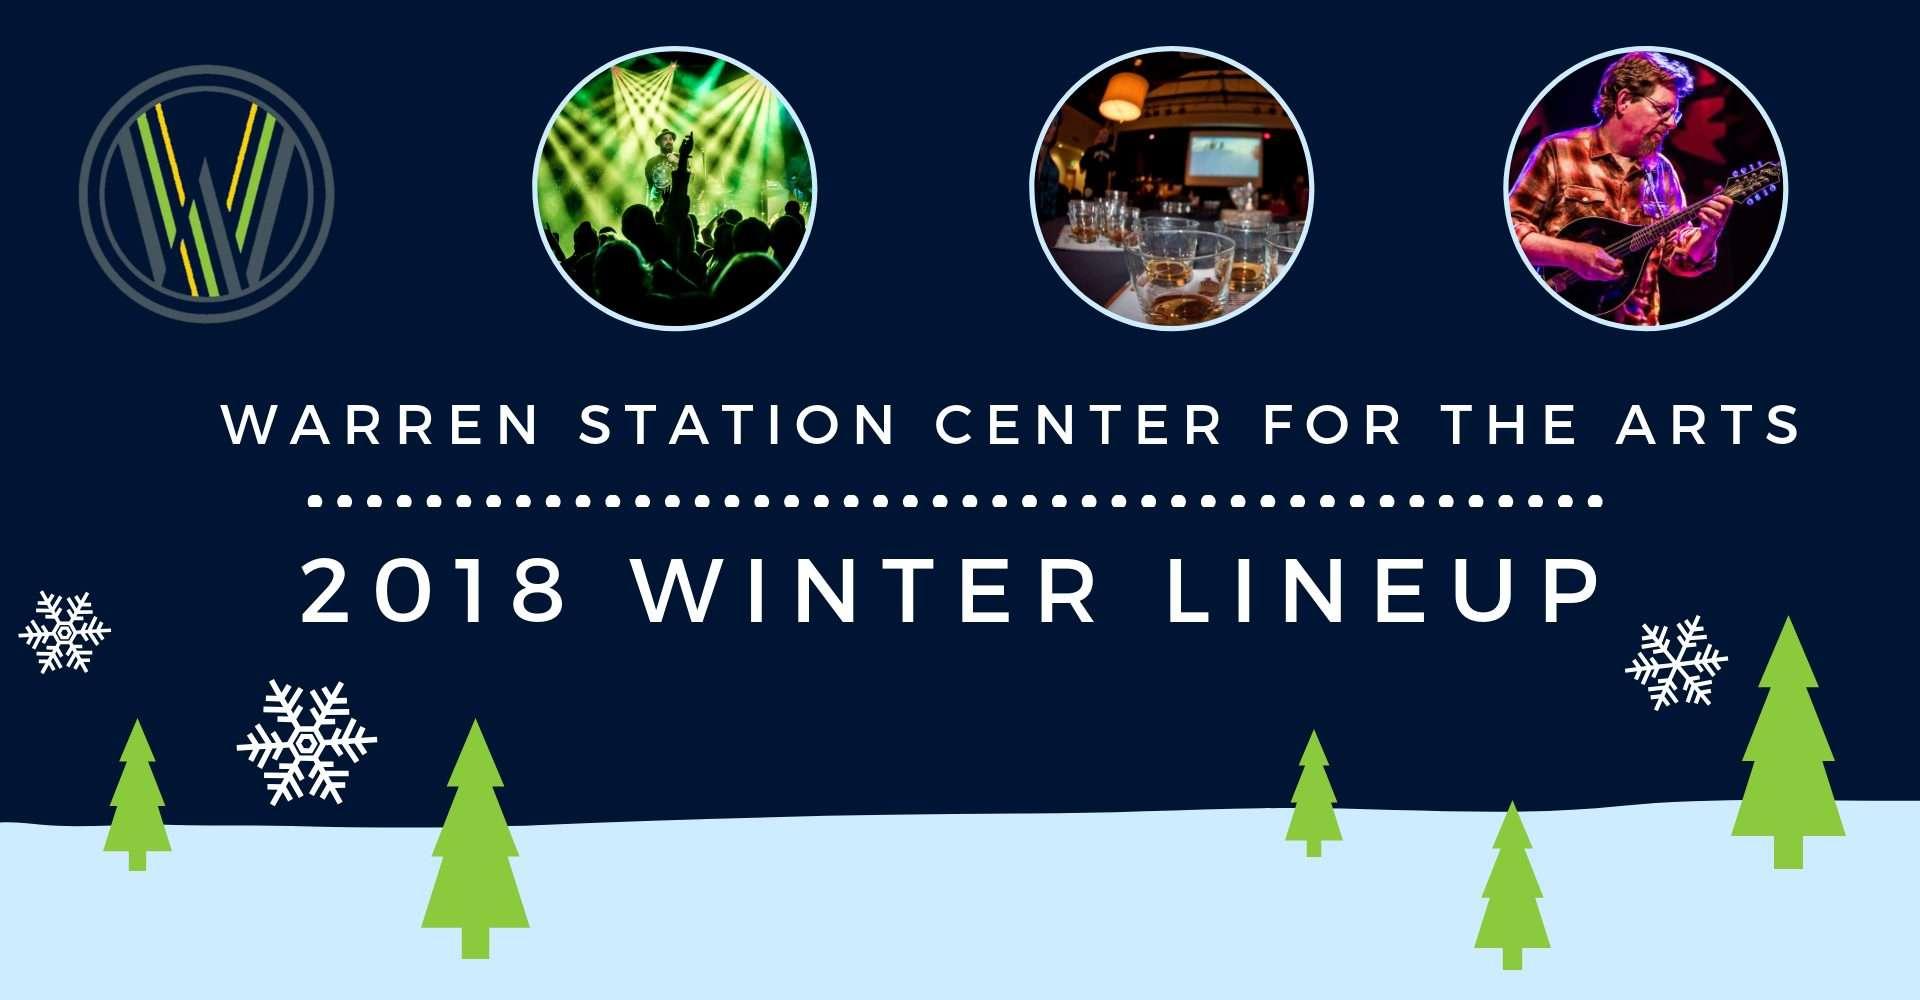 Warren Station Winter Event Lineup 2018